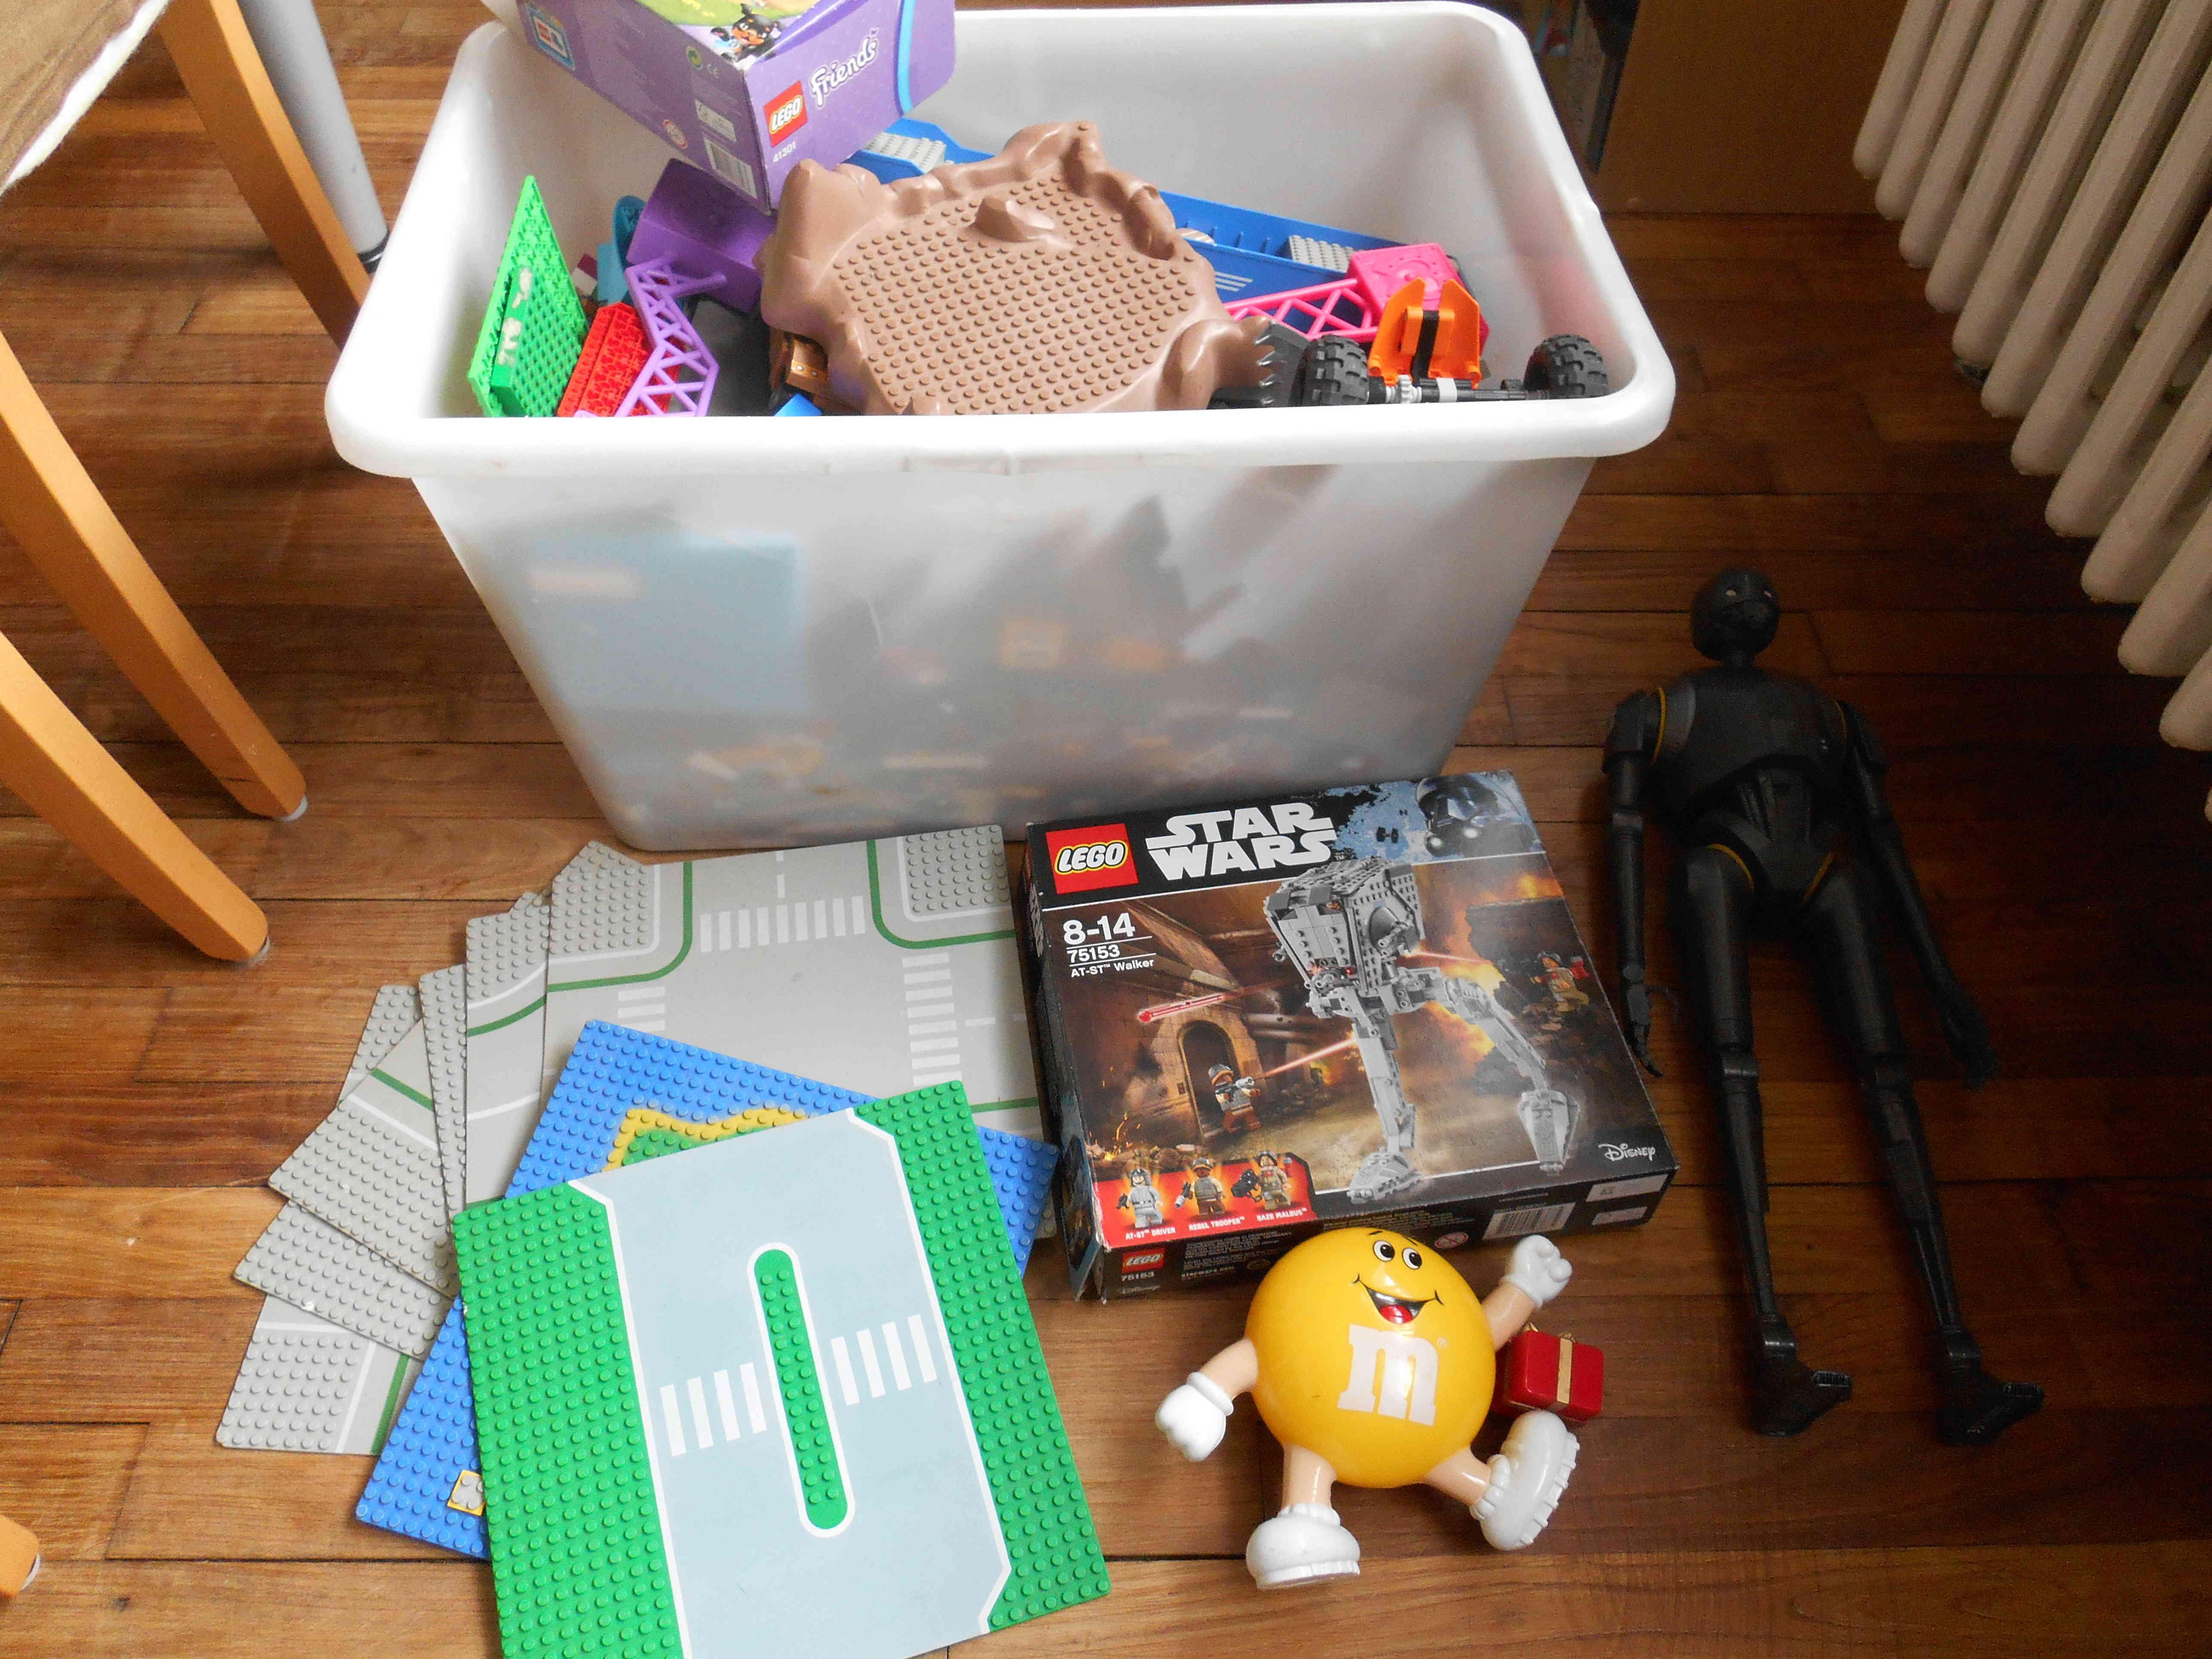 Trouvailles en Brocante, Bourse Aux jouets, Vide Greniers ... - Page 59 Dscn5913